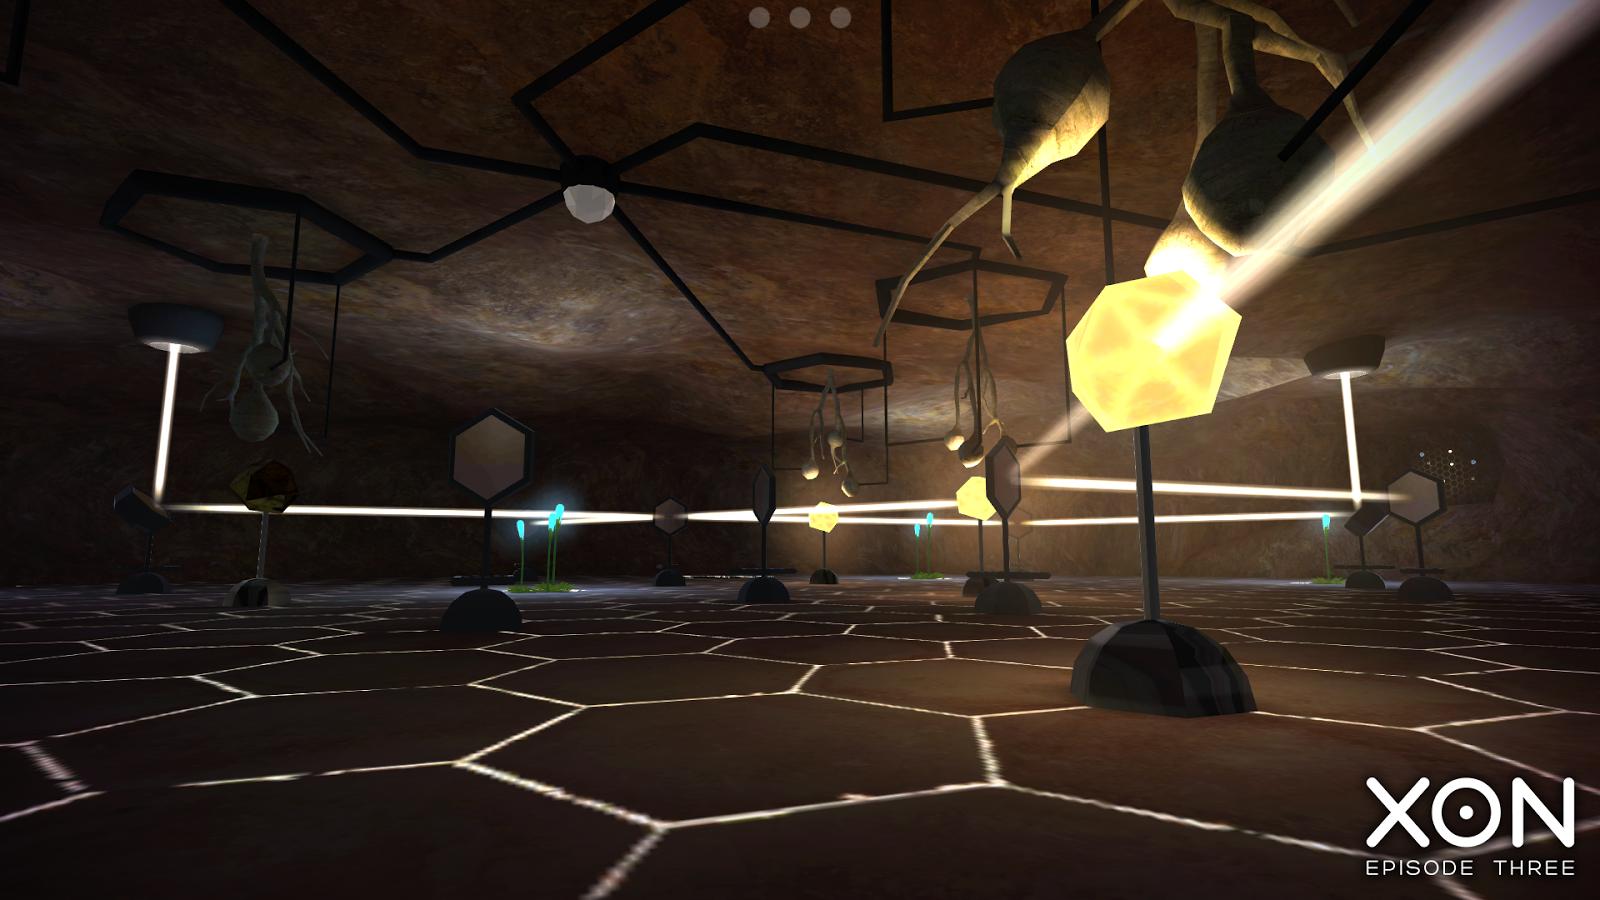 XON Episode Three - screenshot